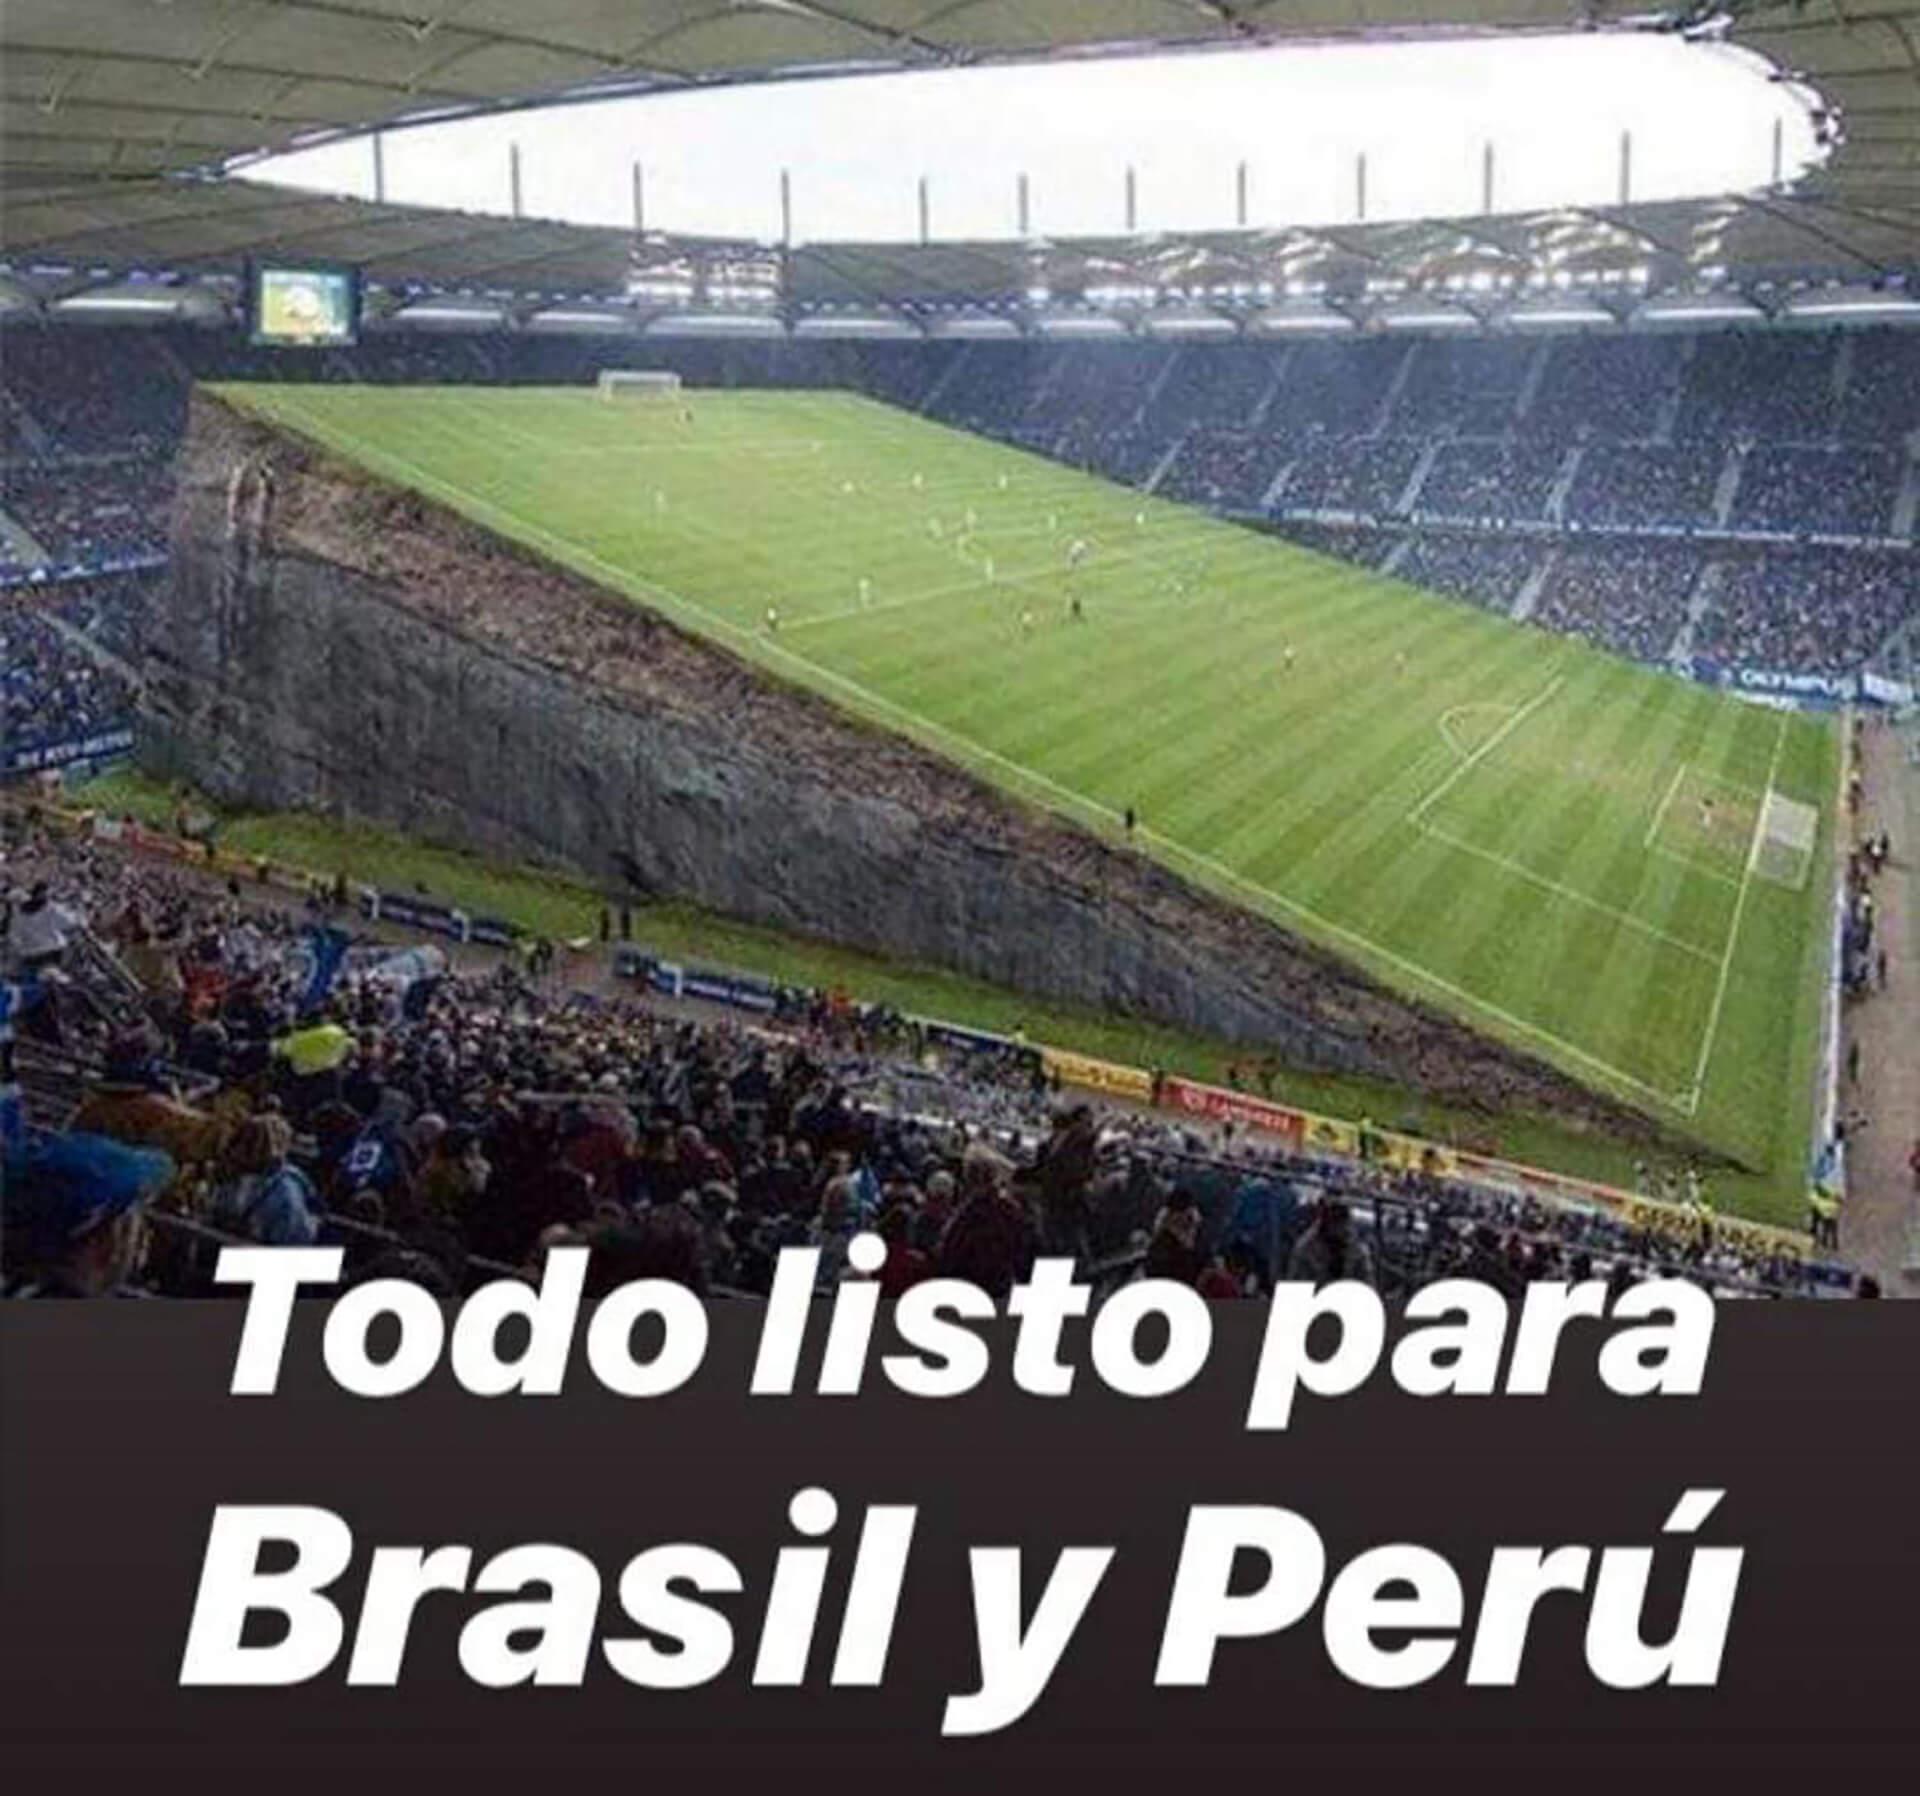 Sudamérica hinchaba por Perú, pero nadie tenía mucha fe.